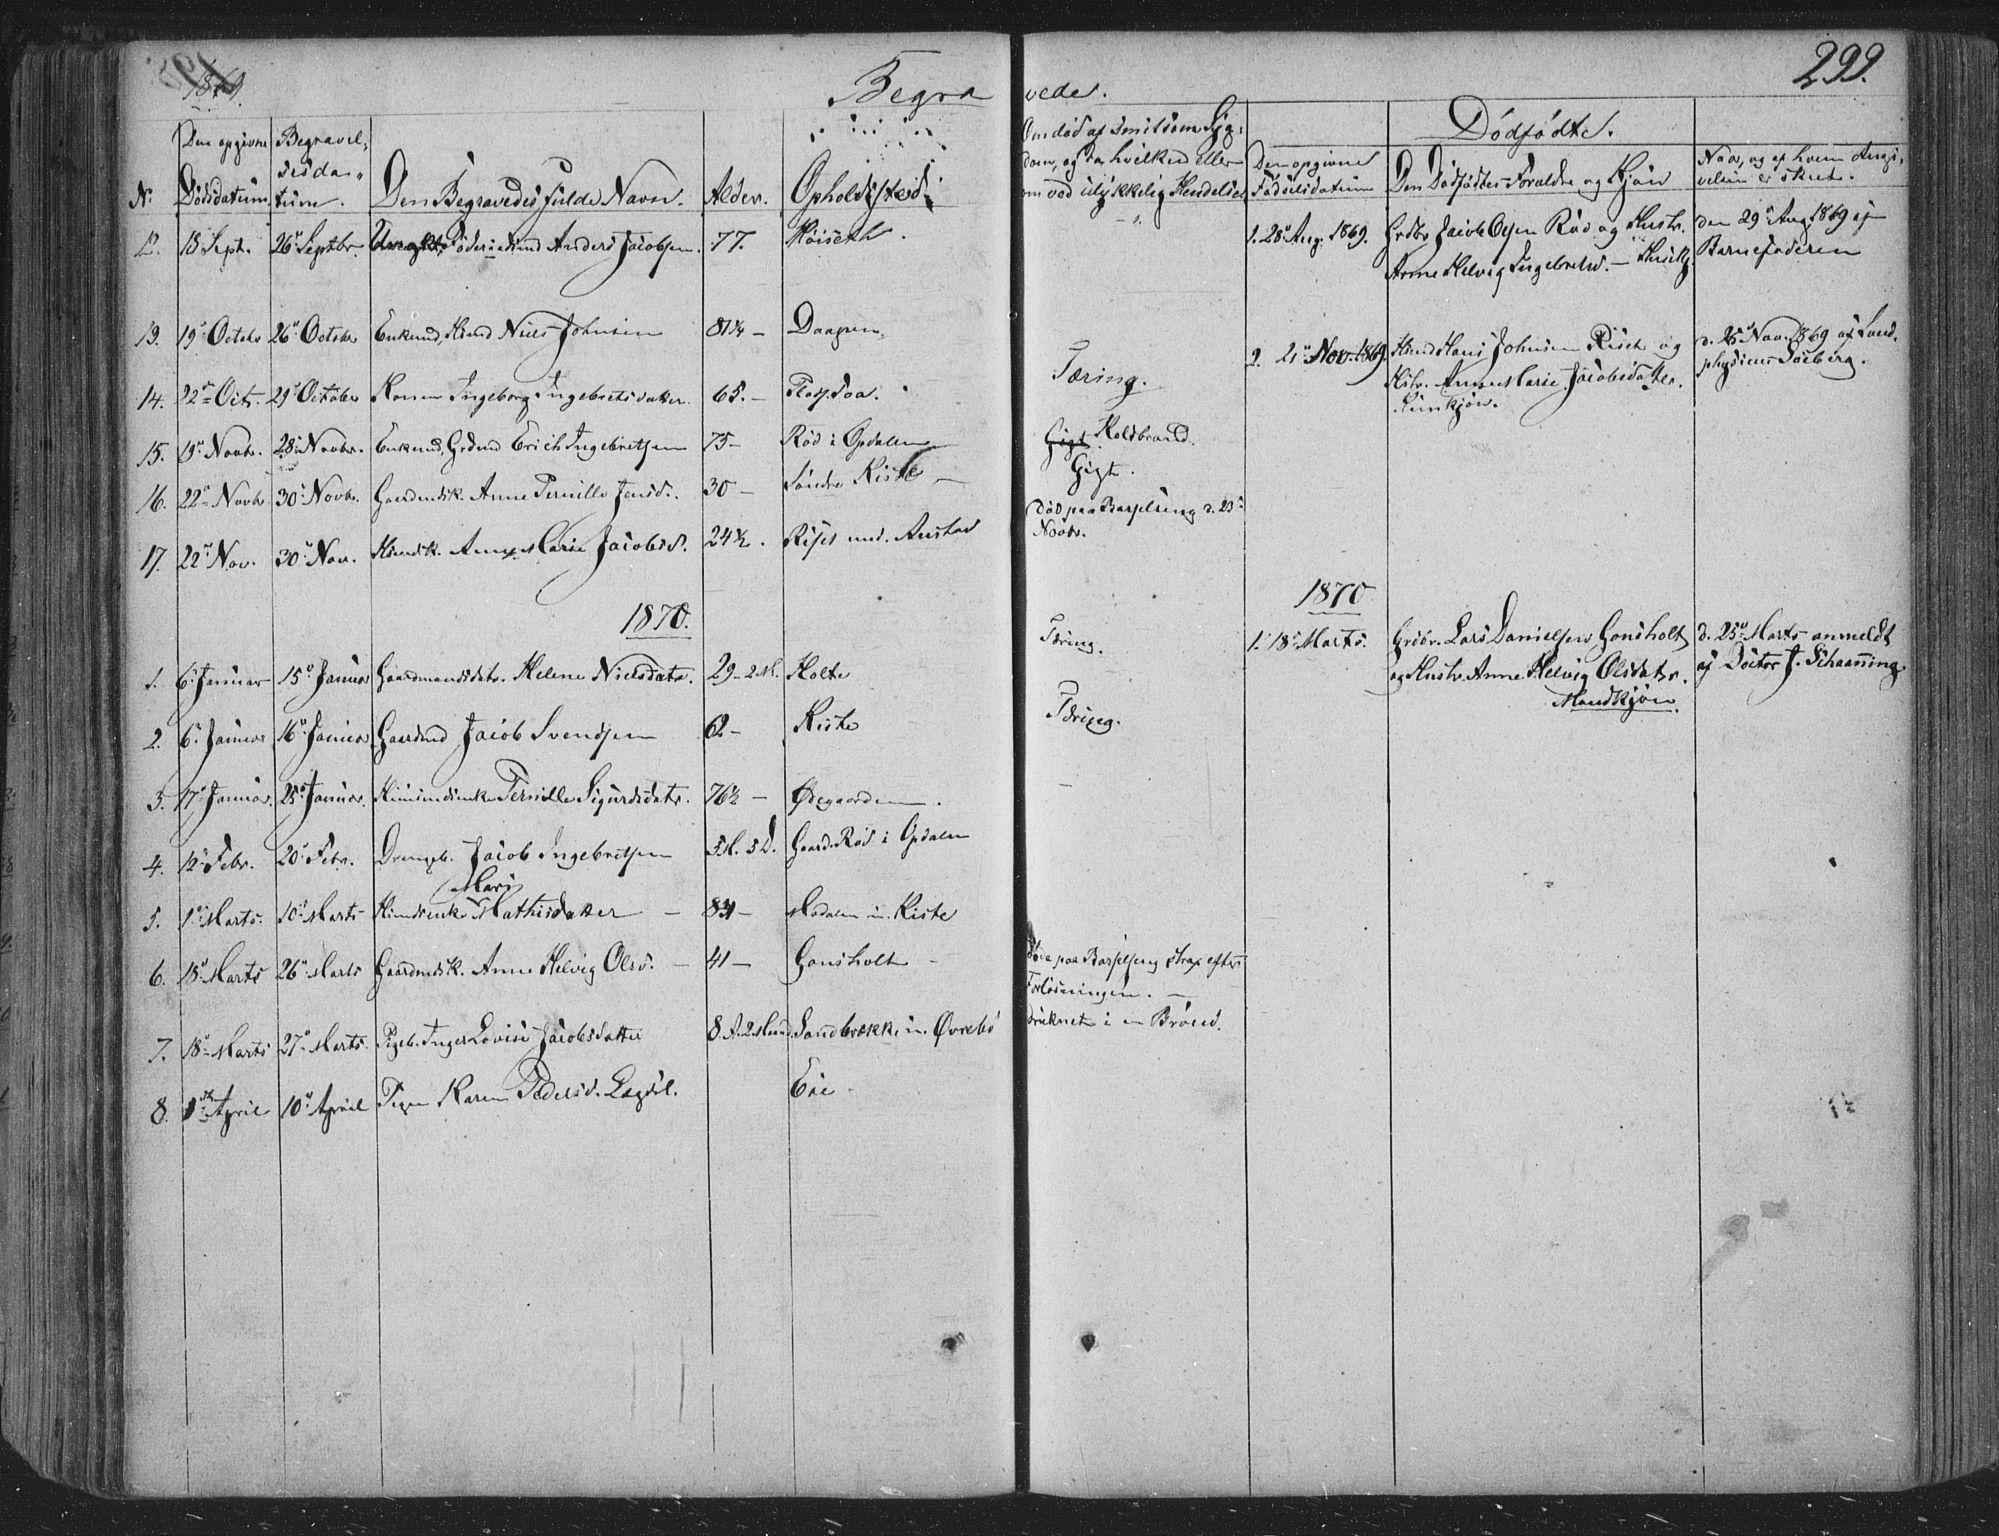 SAKO, Siljan kirkebøker, F/Fa/L0001: Ministerialbok nr. 1, 1831-1870, s. 299